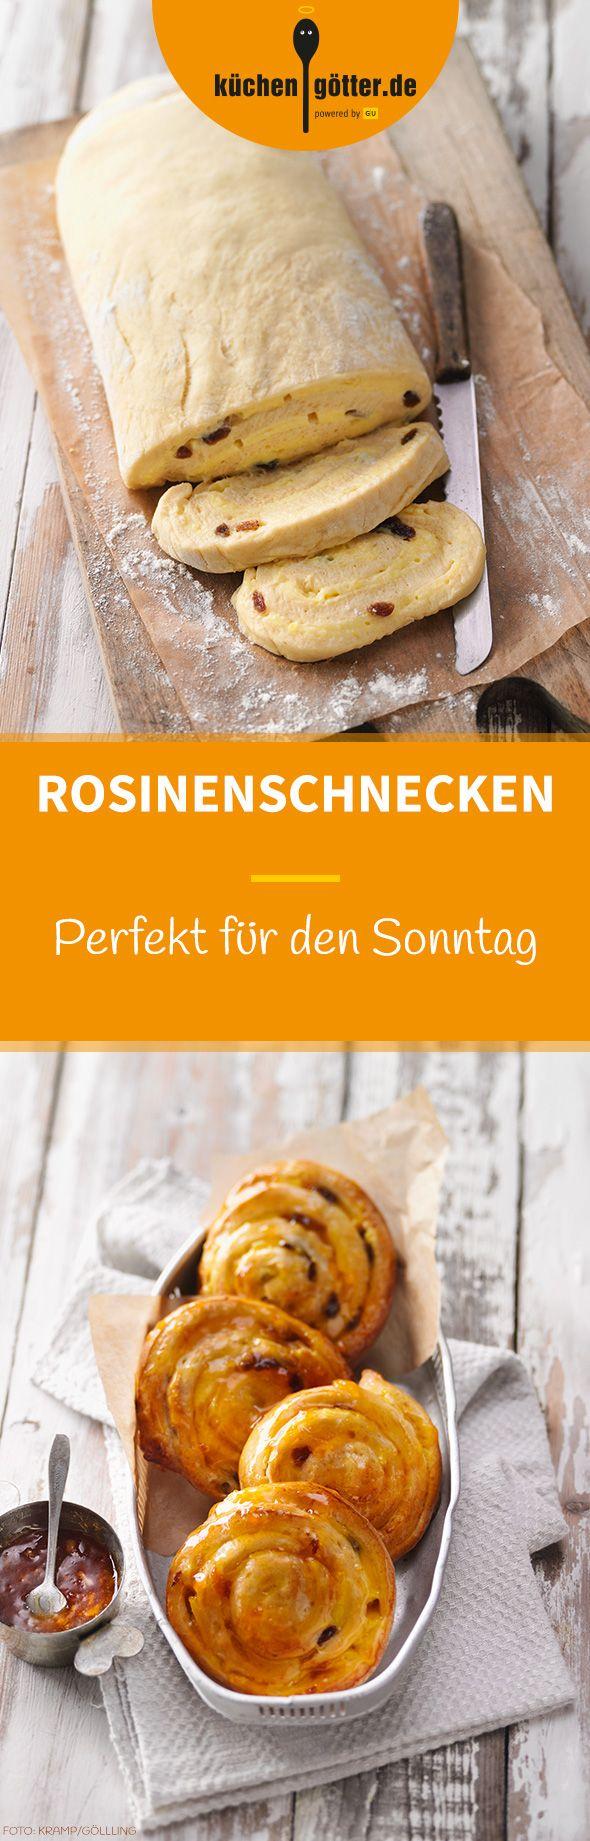 ROSINENSCHNECKEN - Wenn unsere kleinen Teilchen an einem Sonntagmorgen im Ofen goldbraun backen, wird jeder Langschläfer aus dem Bett gelockt. Es duftet einfach so gut!